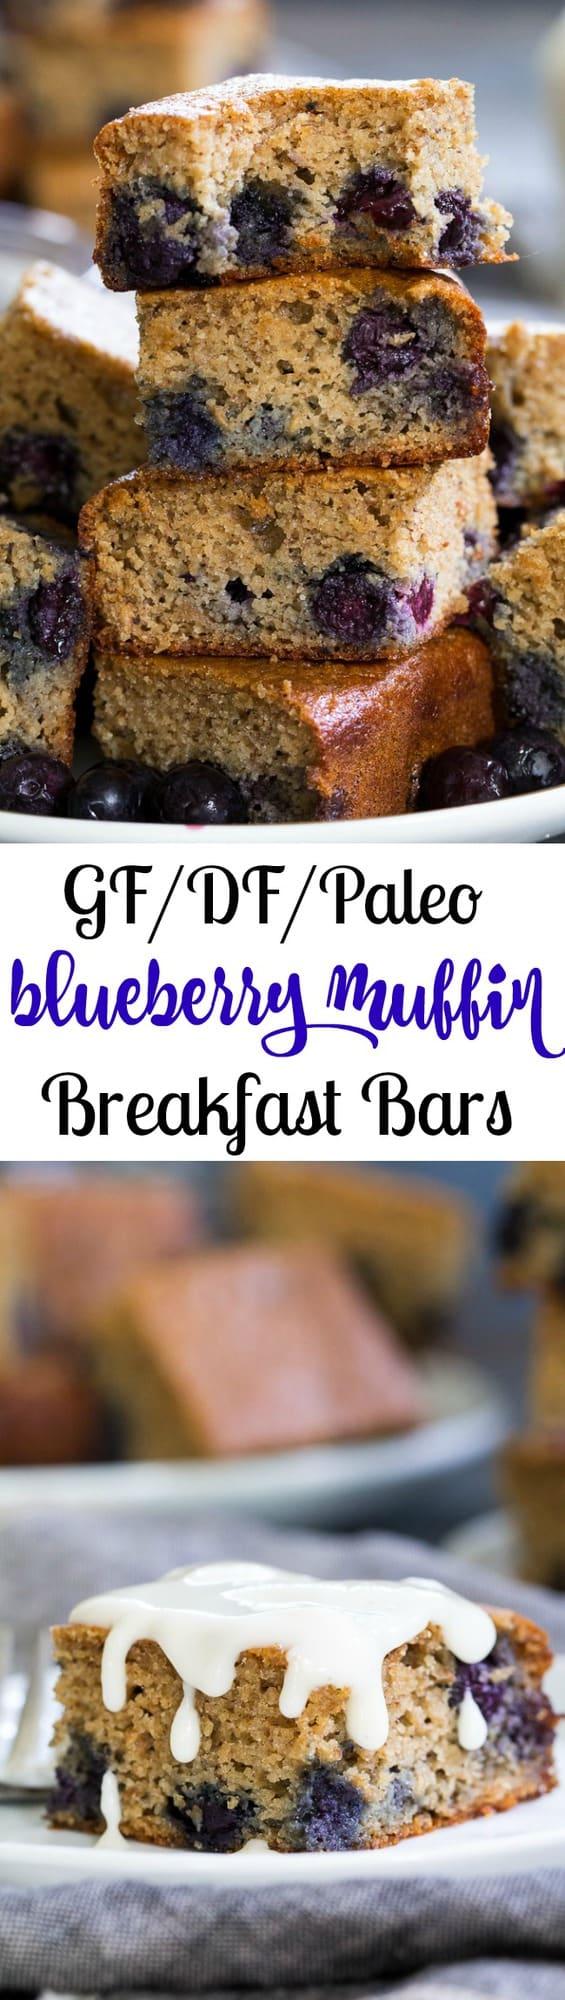 Paleo Blueberry Muffin Breakfast Bars   The Paleo Running ...